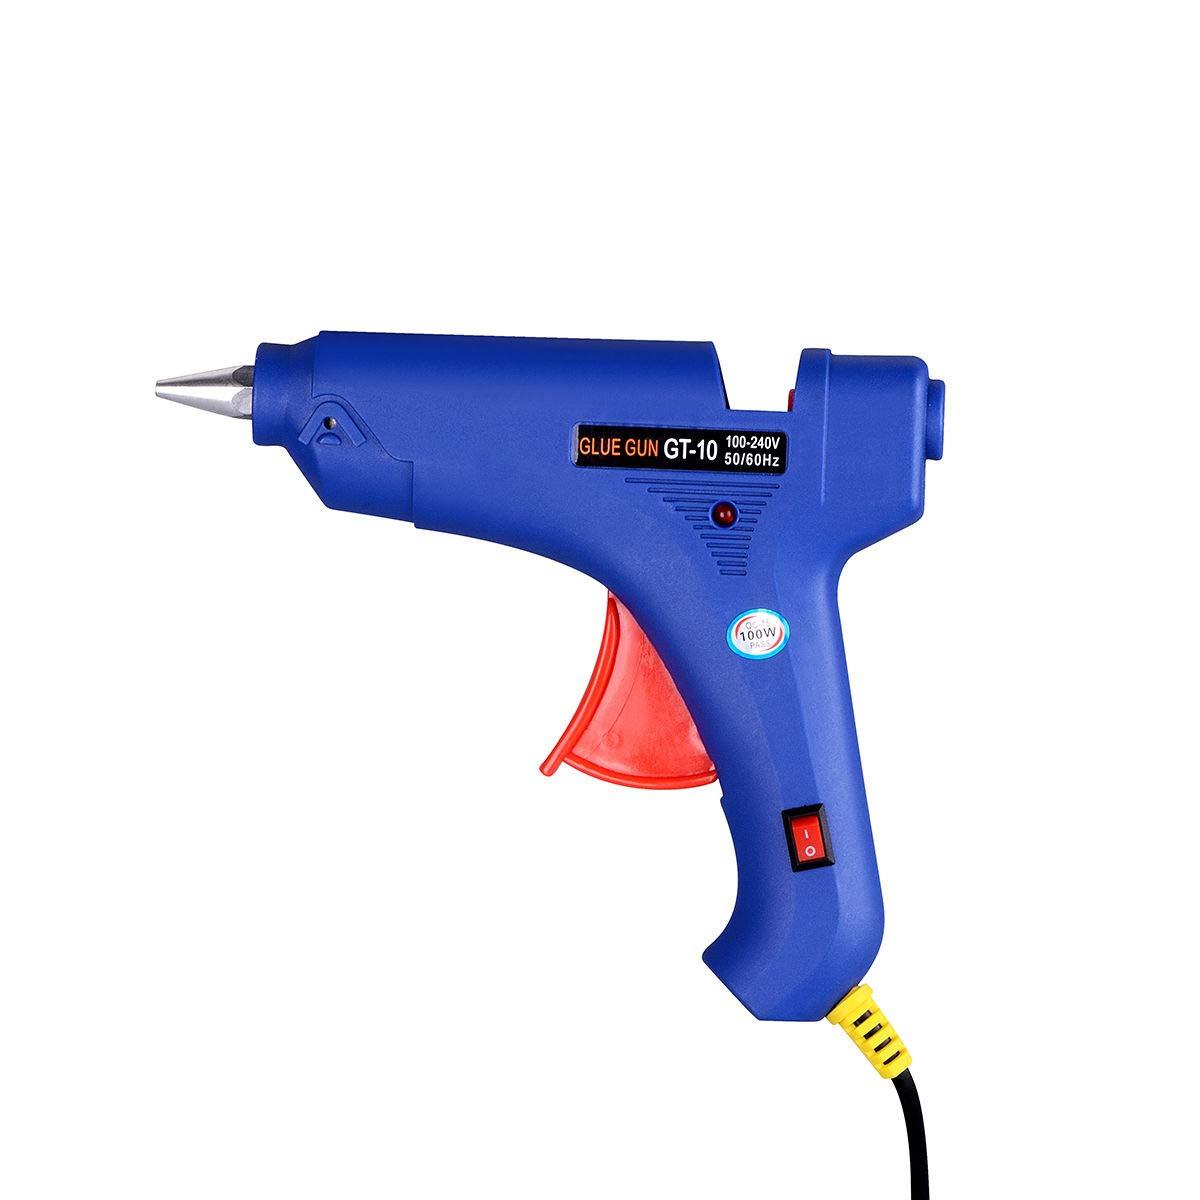 Hoypeyfiy Dent Puller Bridge PDR Glue Sticks Glue Gun Dent Removal Paintless Repair Tools by Hoypeyfiy